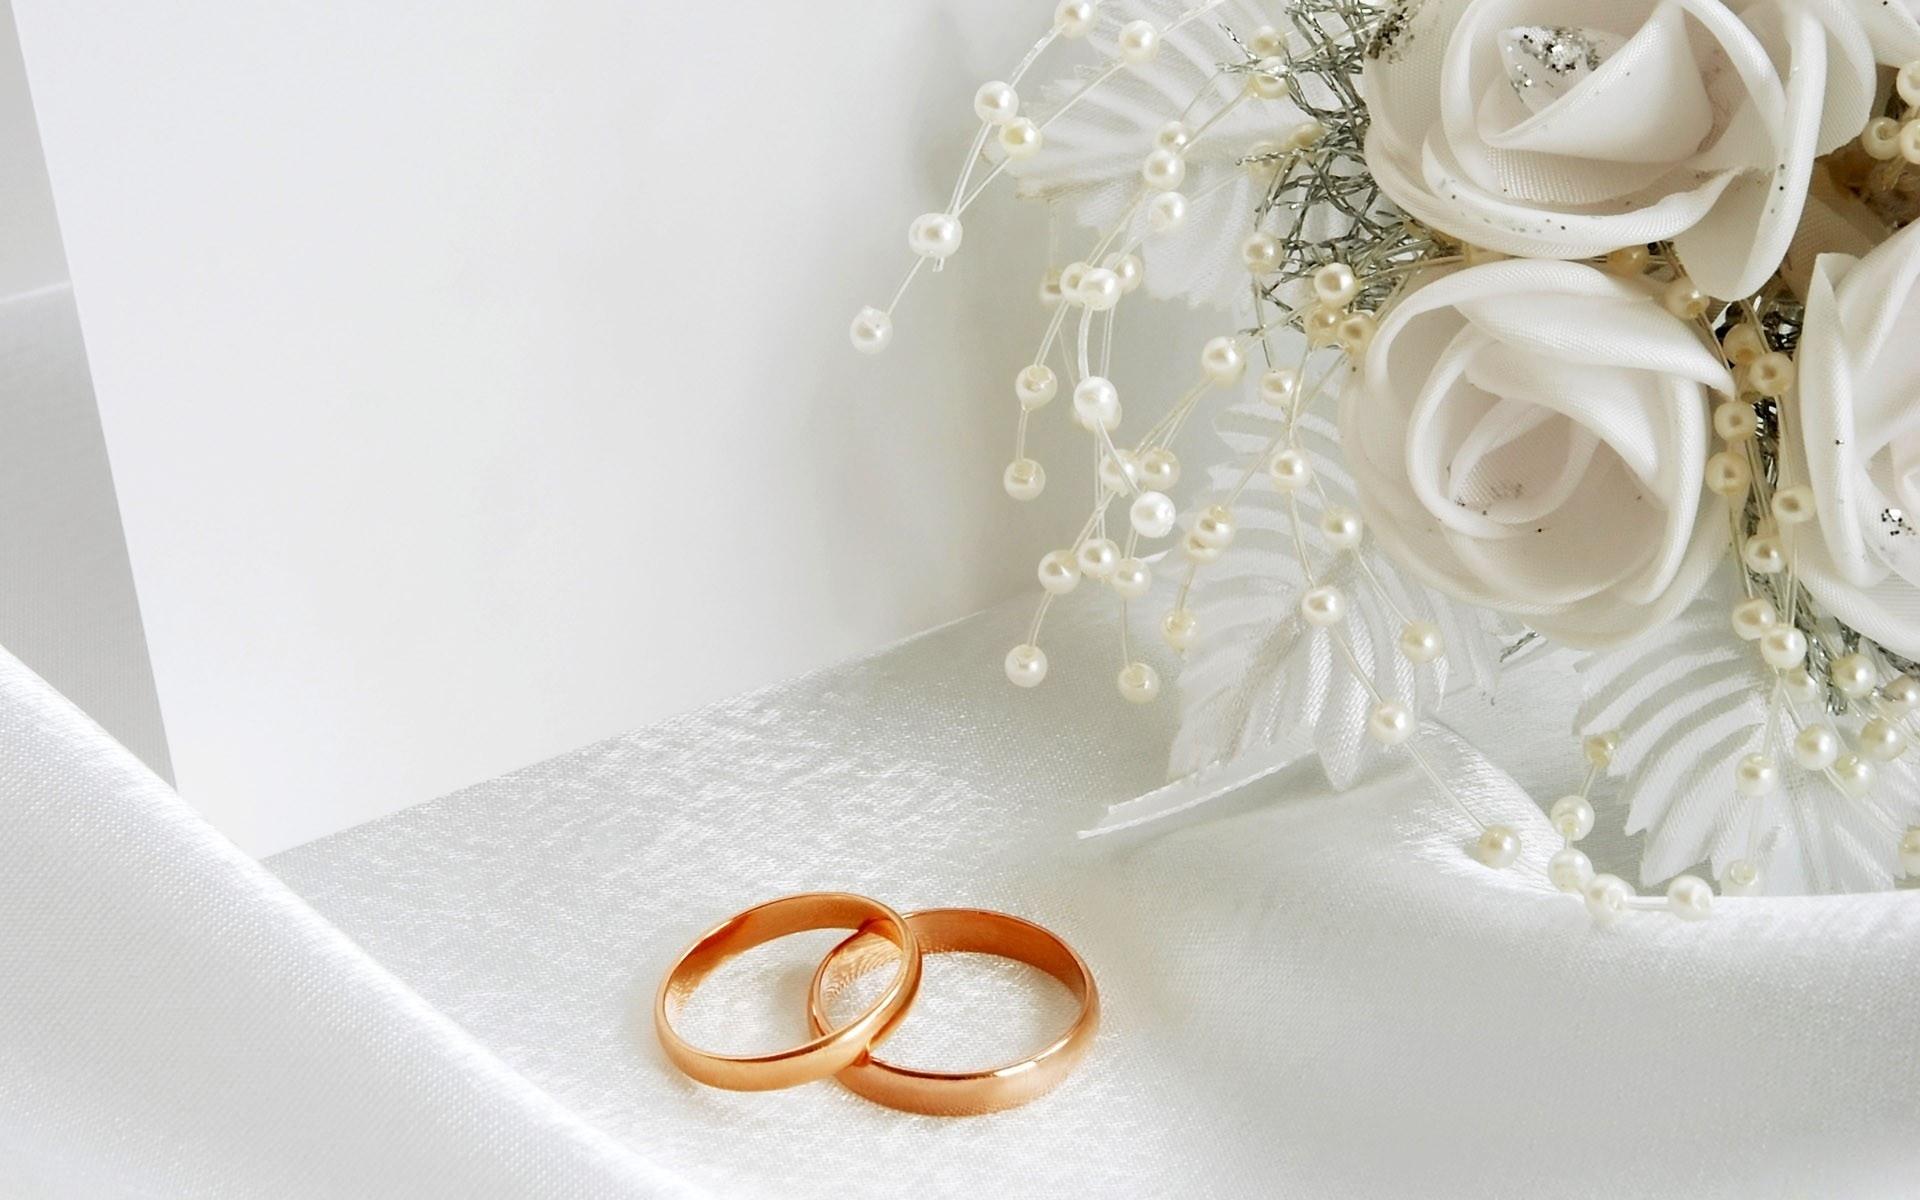 обои на рабочий стол свадебная тематика № 2479969 бесплатно